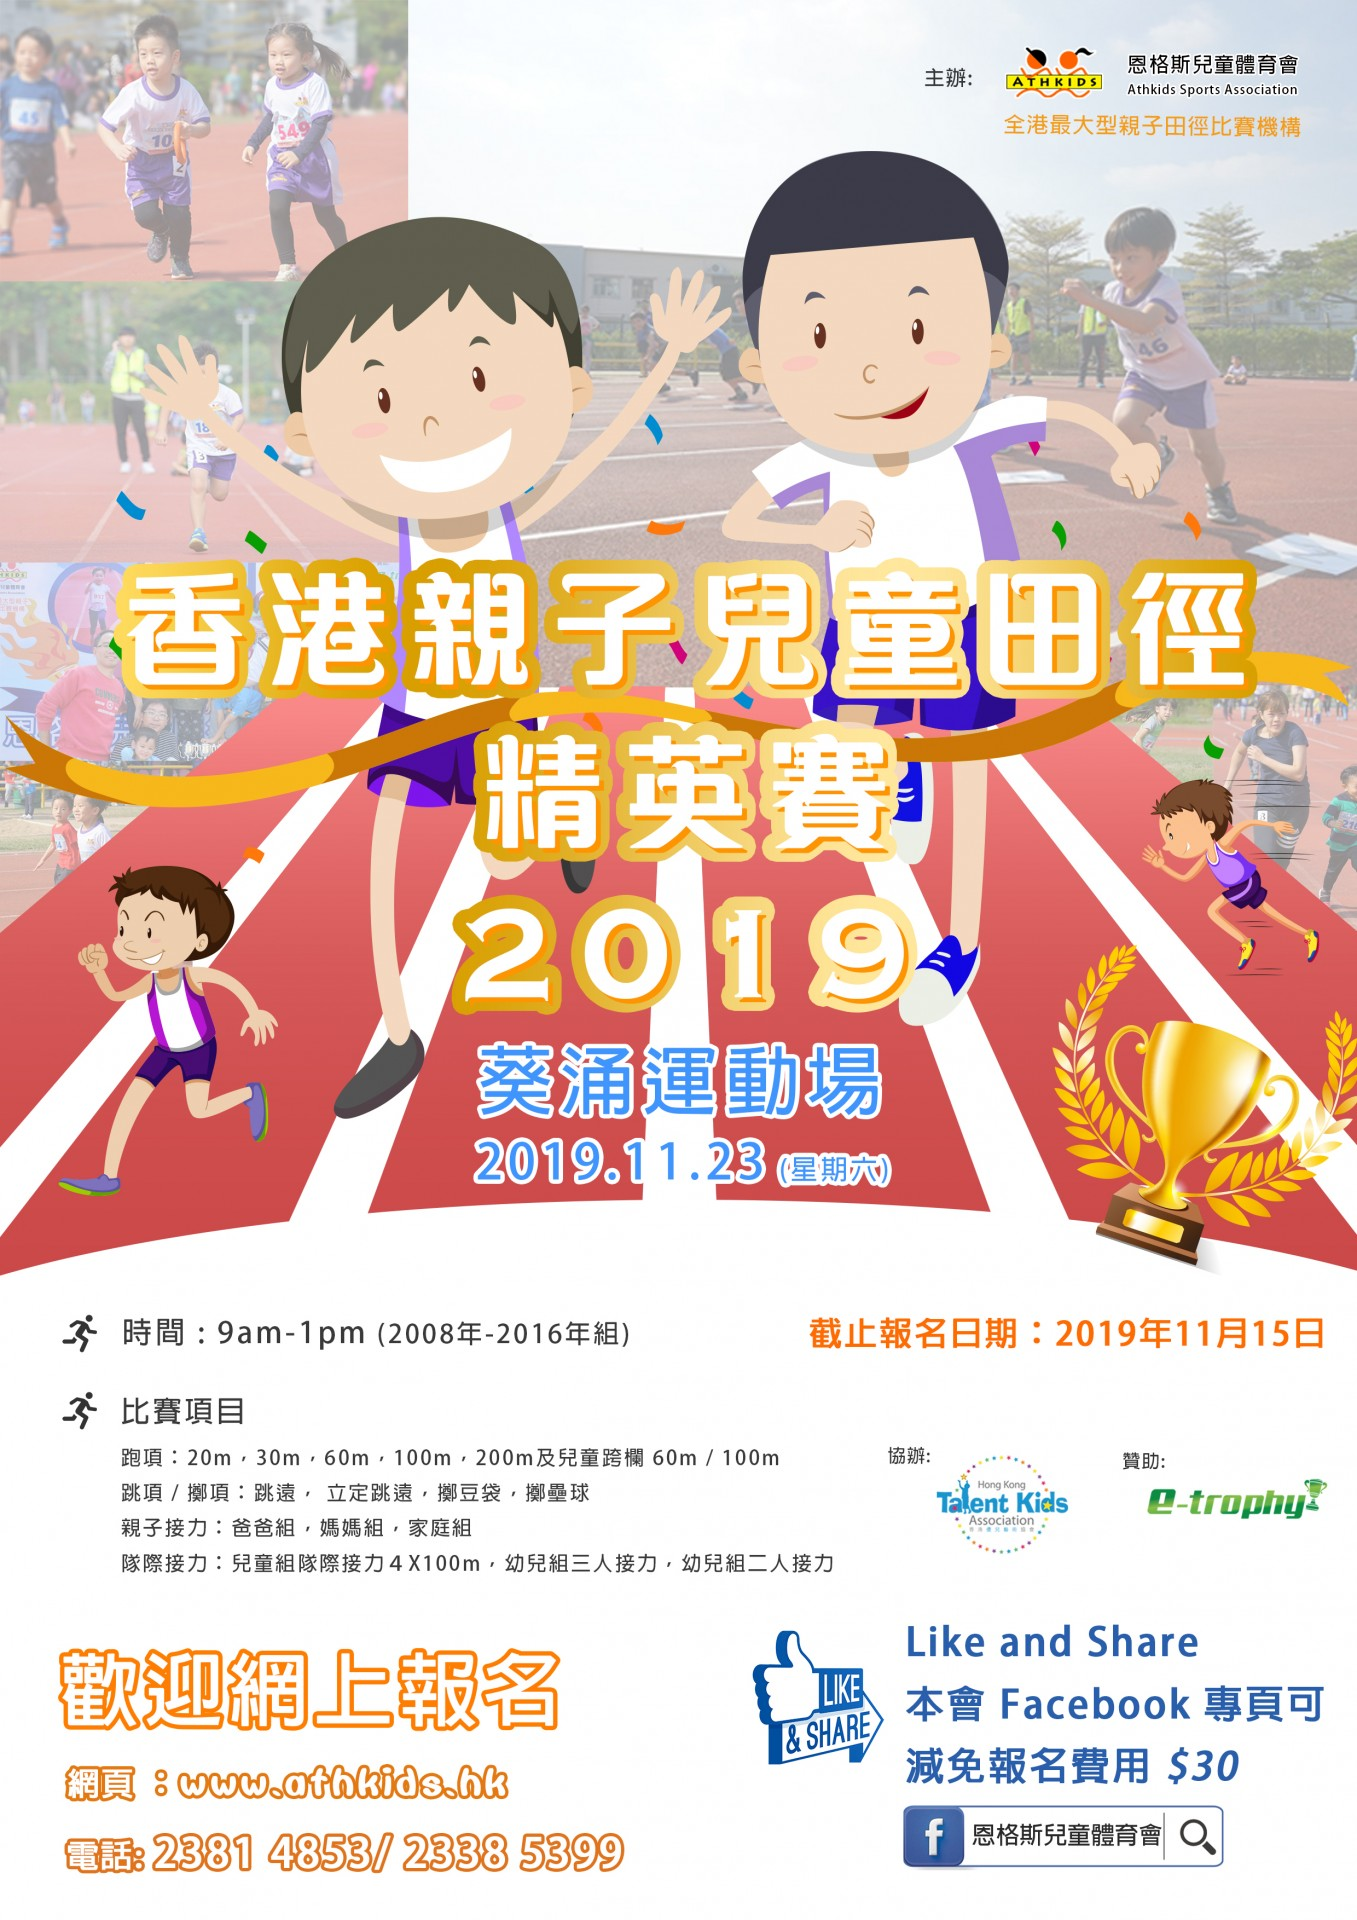 香港親子兒童田徑精英賽 2019